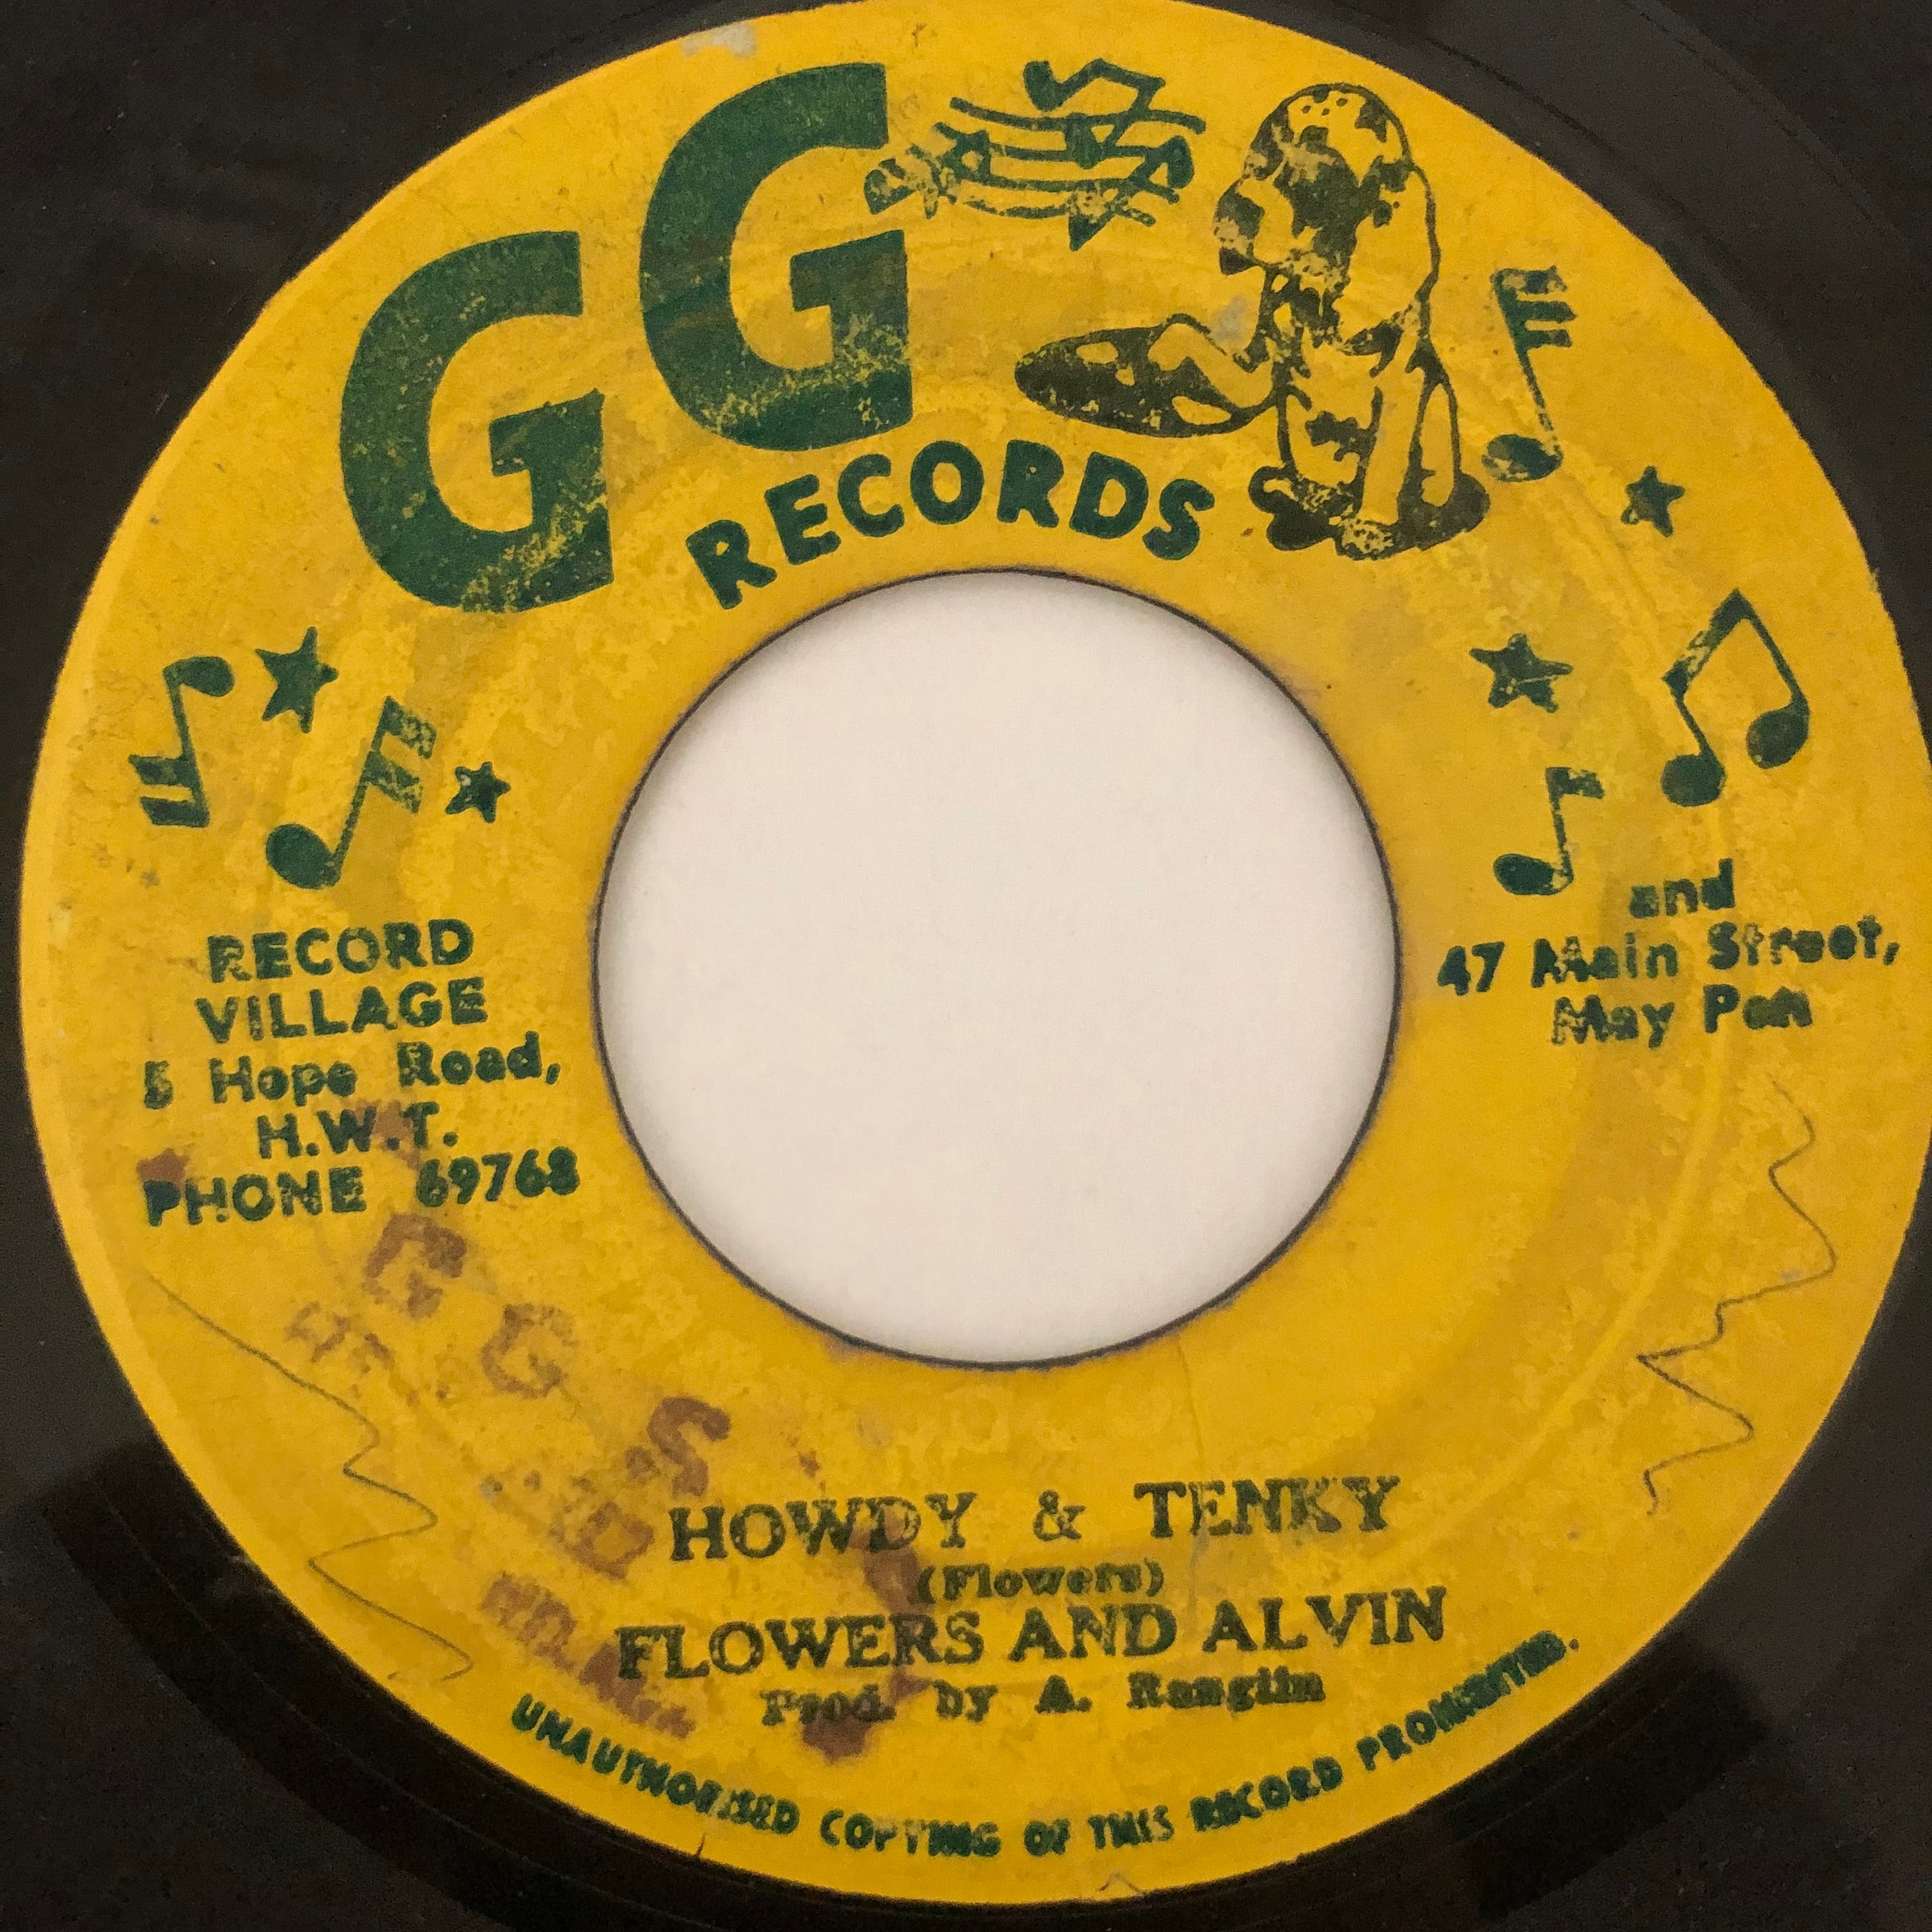 Flowers & Alvin - Howdy & Tenky【7-20514】